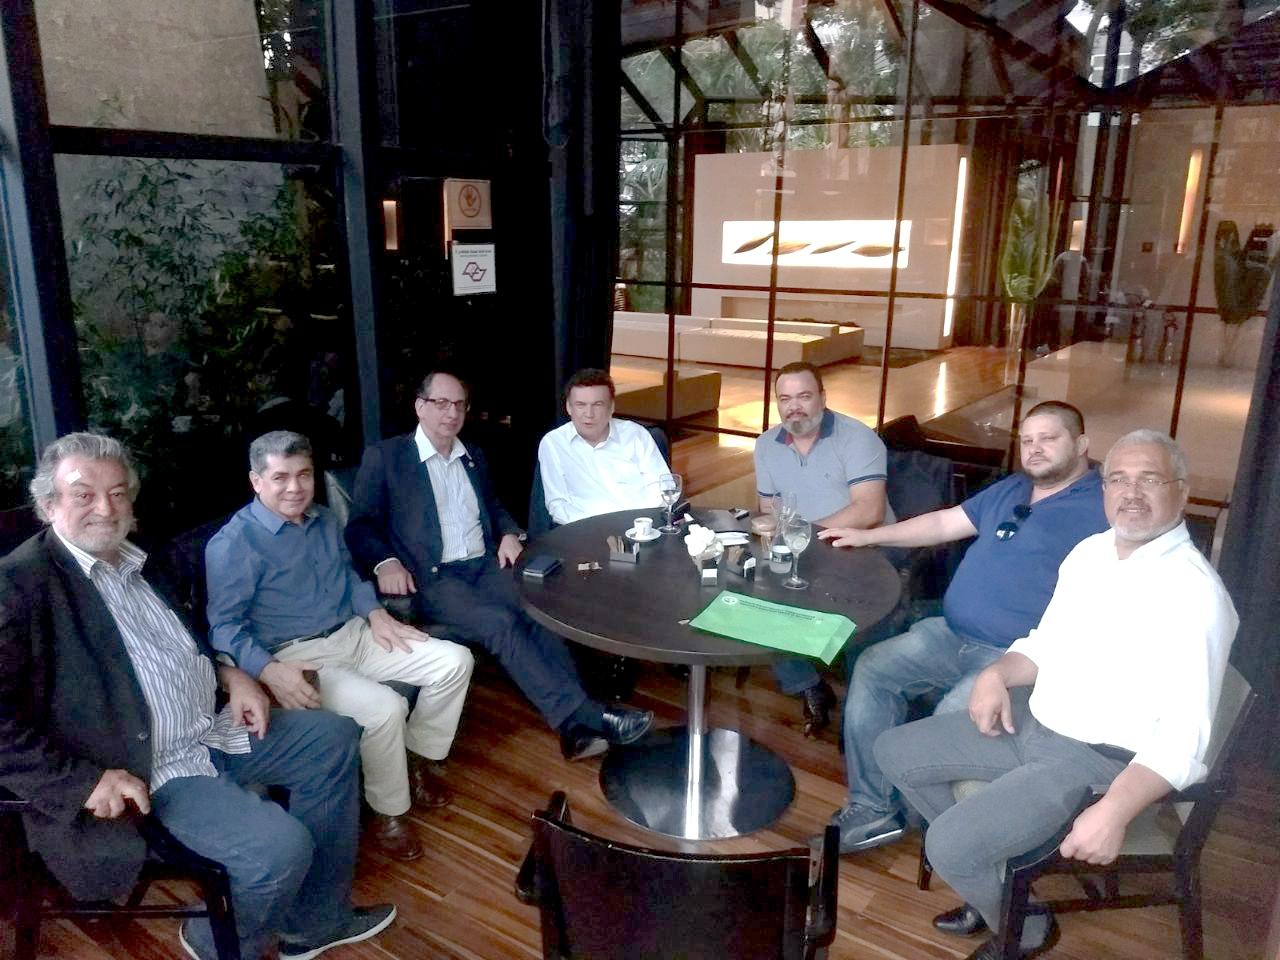 Reunião de lideranças sindicais e políticas firma  apoio às lutas dos condutores de São Paulo